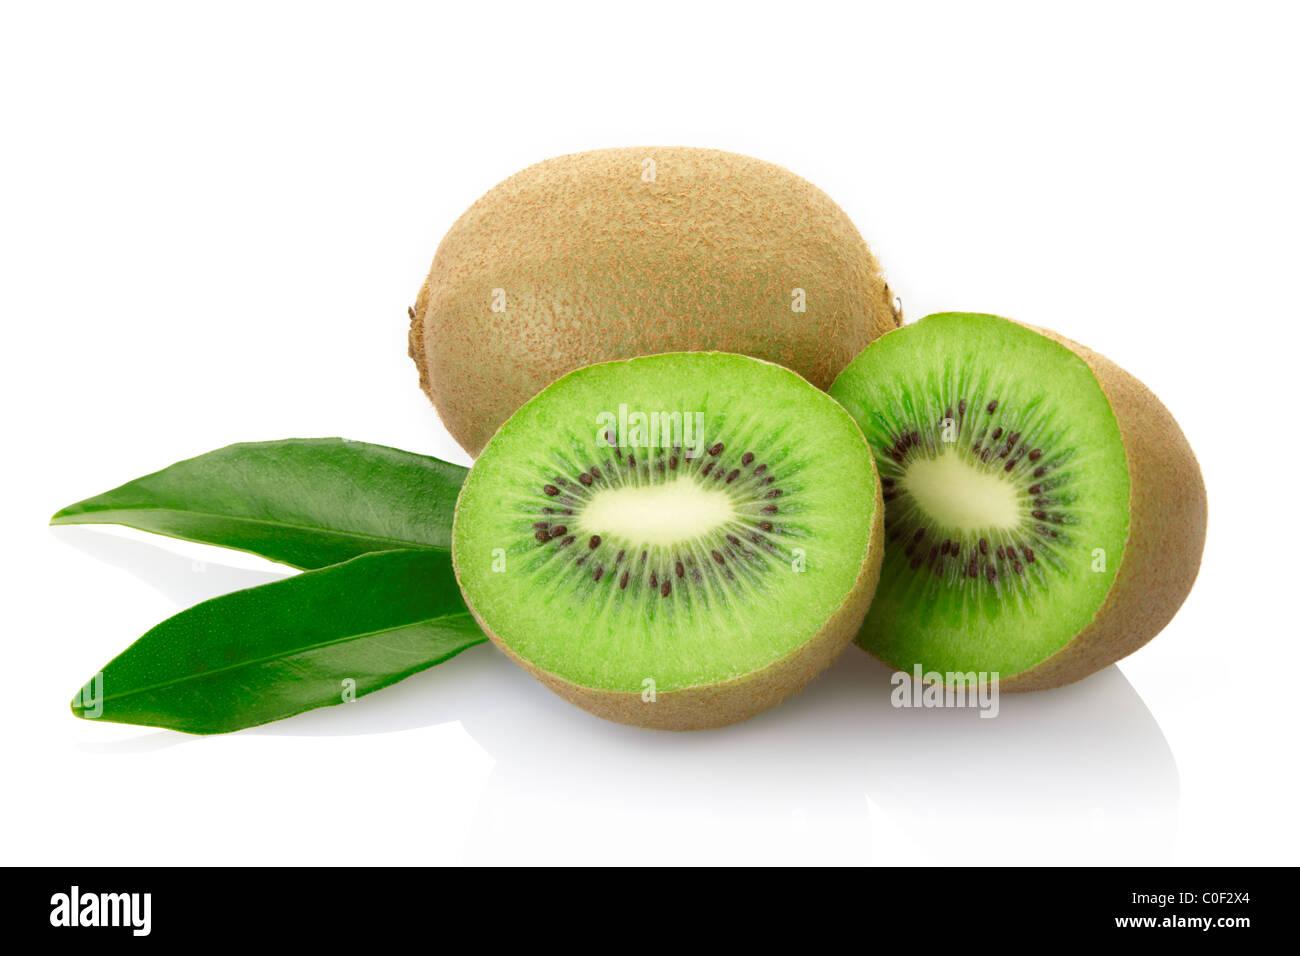 Kiwi fruit isolated on white - Stock Image